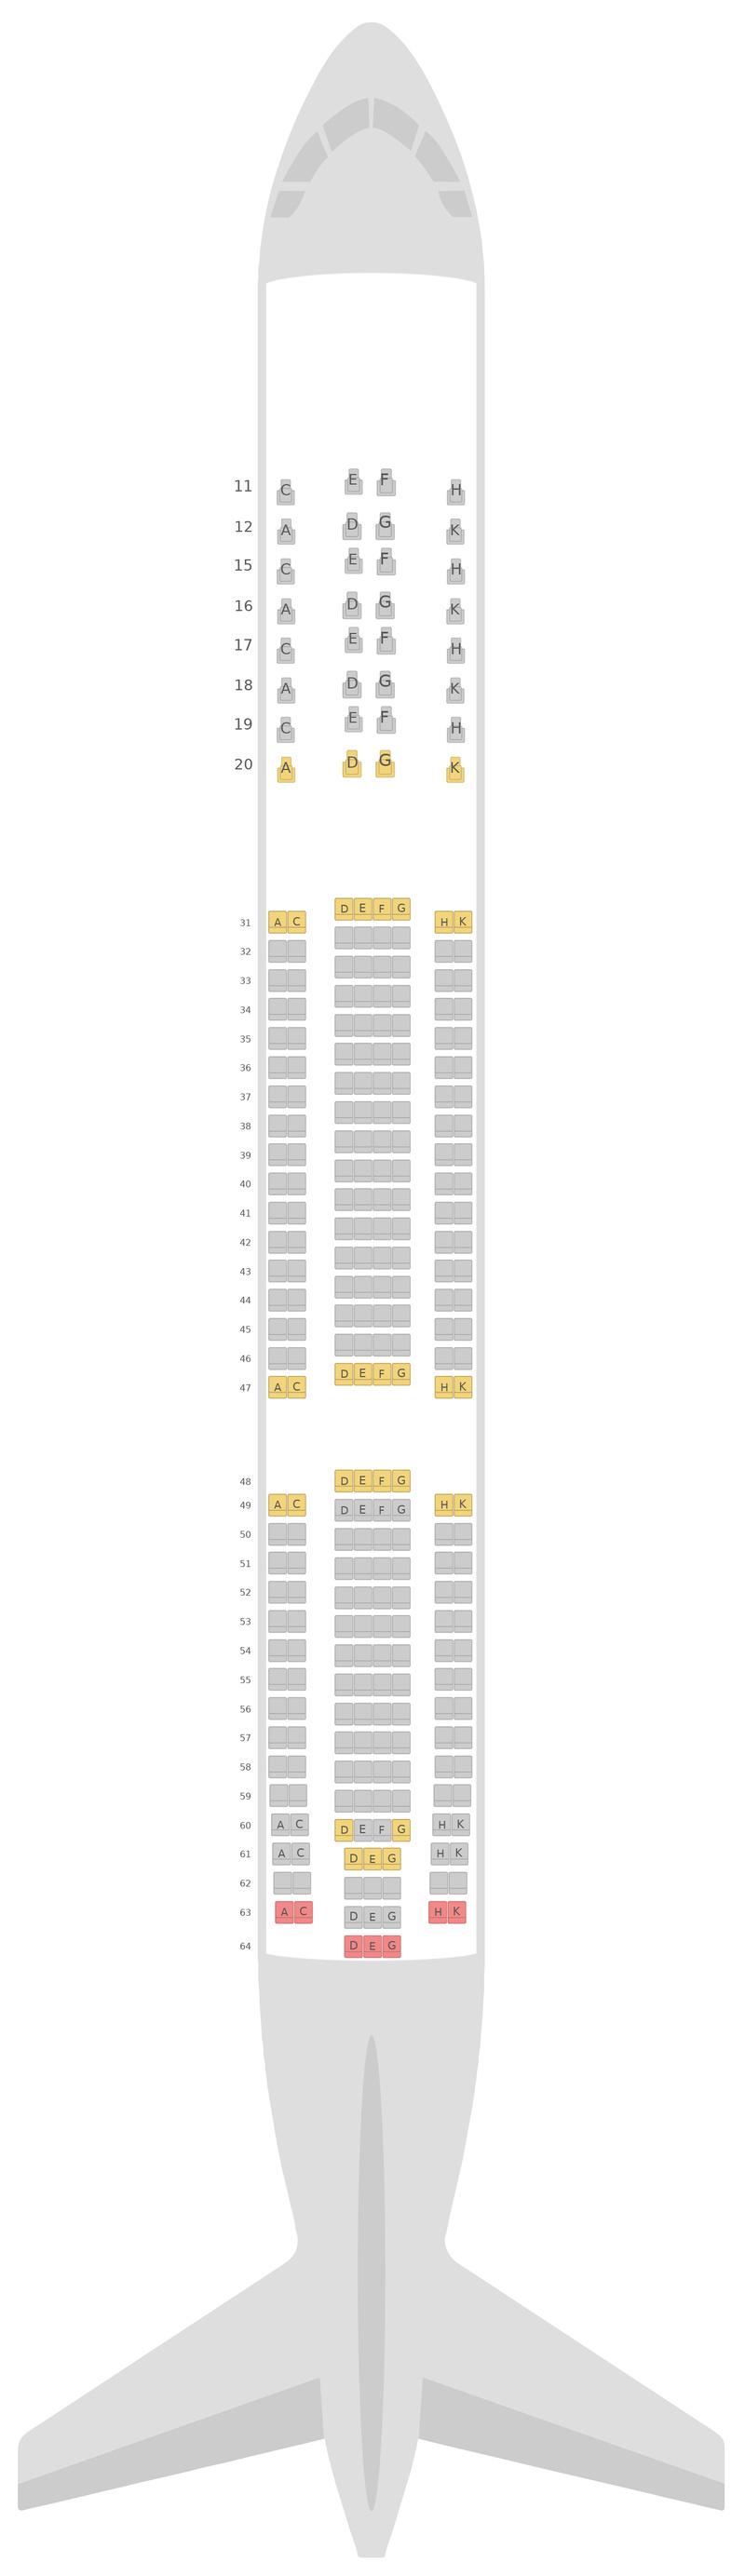 Mapa de asientos Airbus A330-300 (333) Hainan Airlines